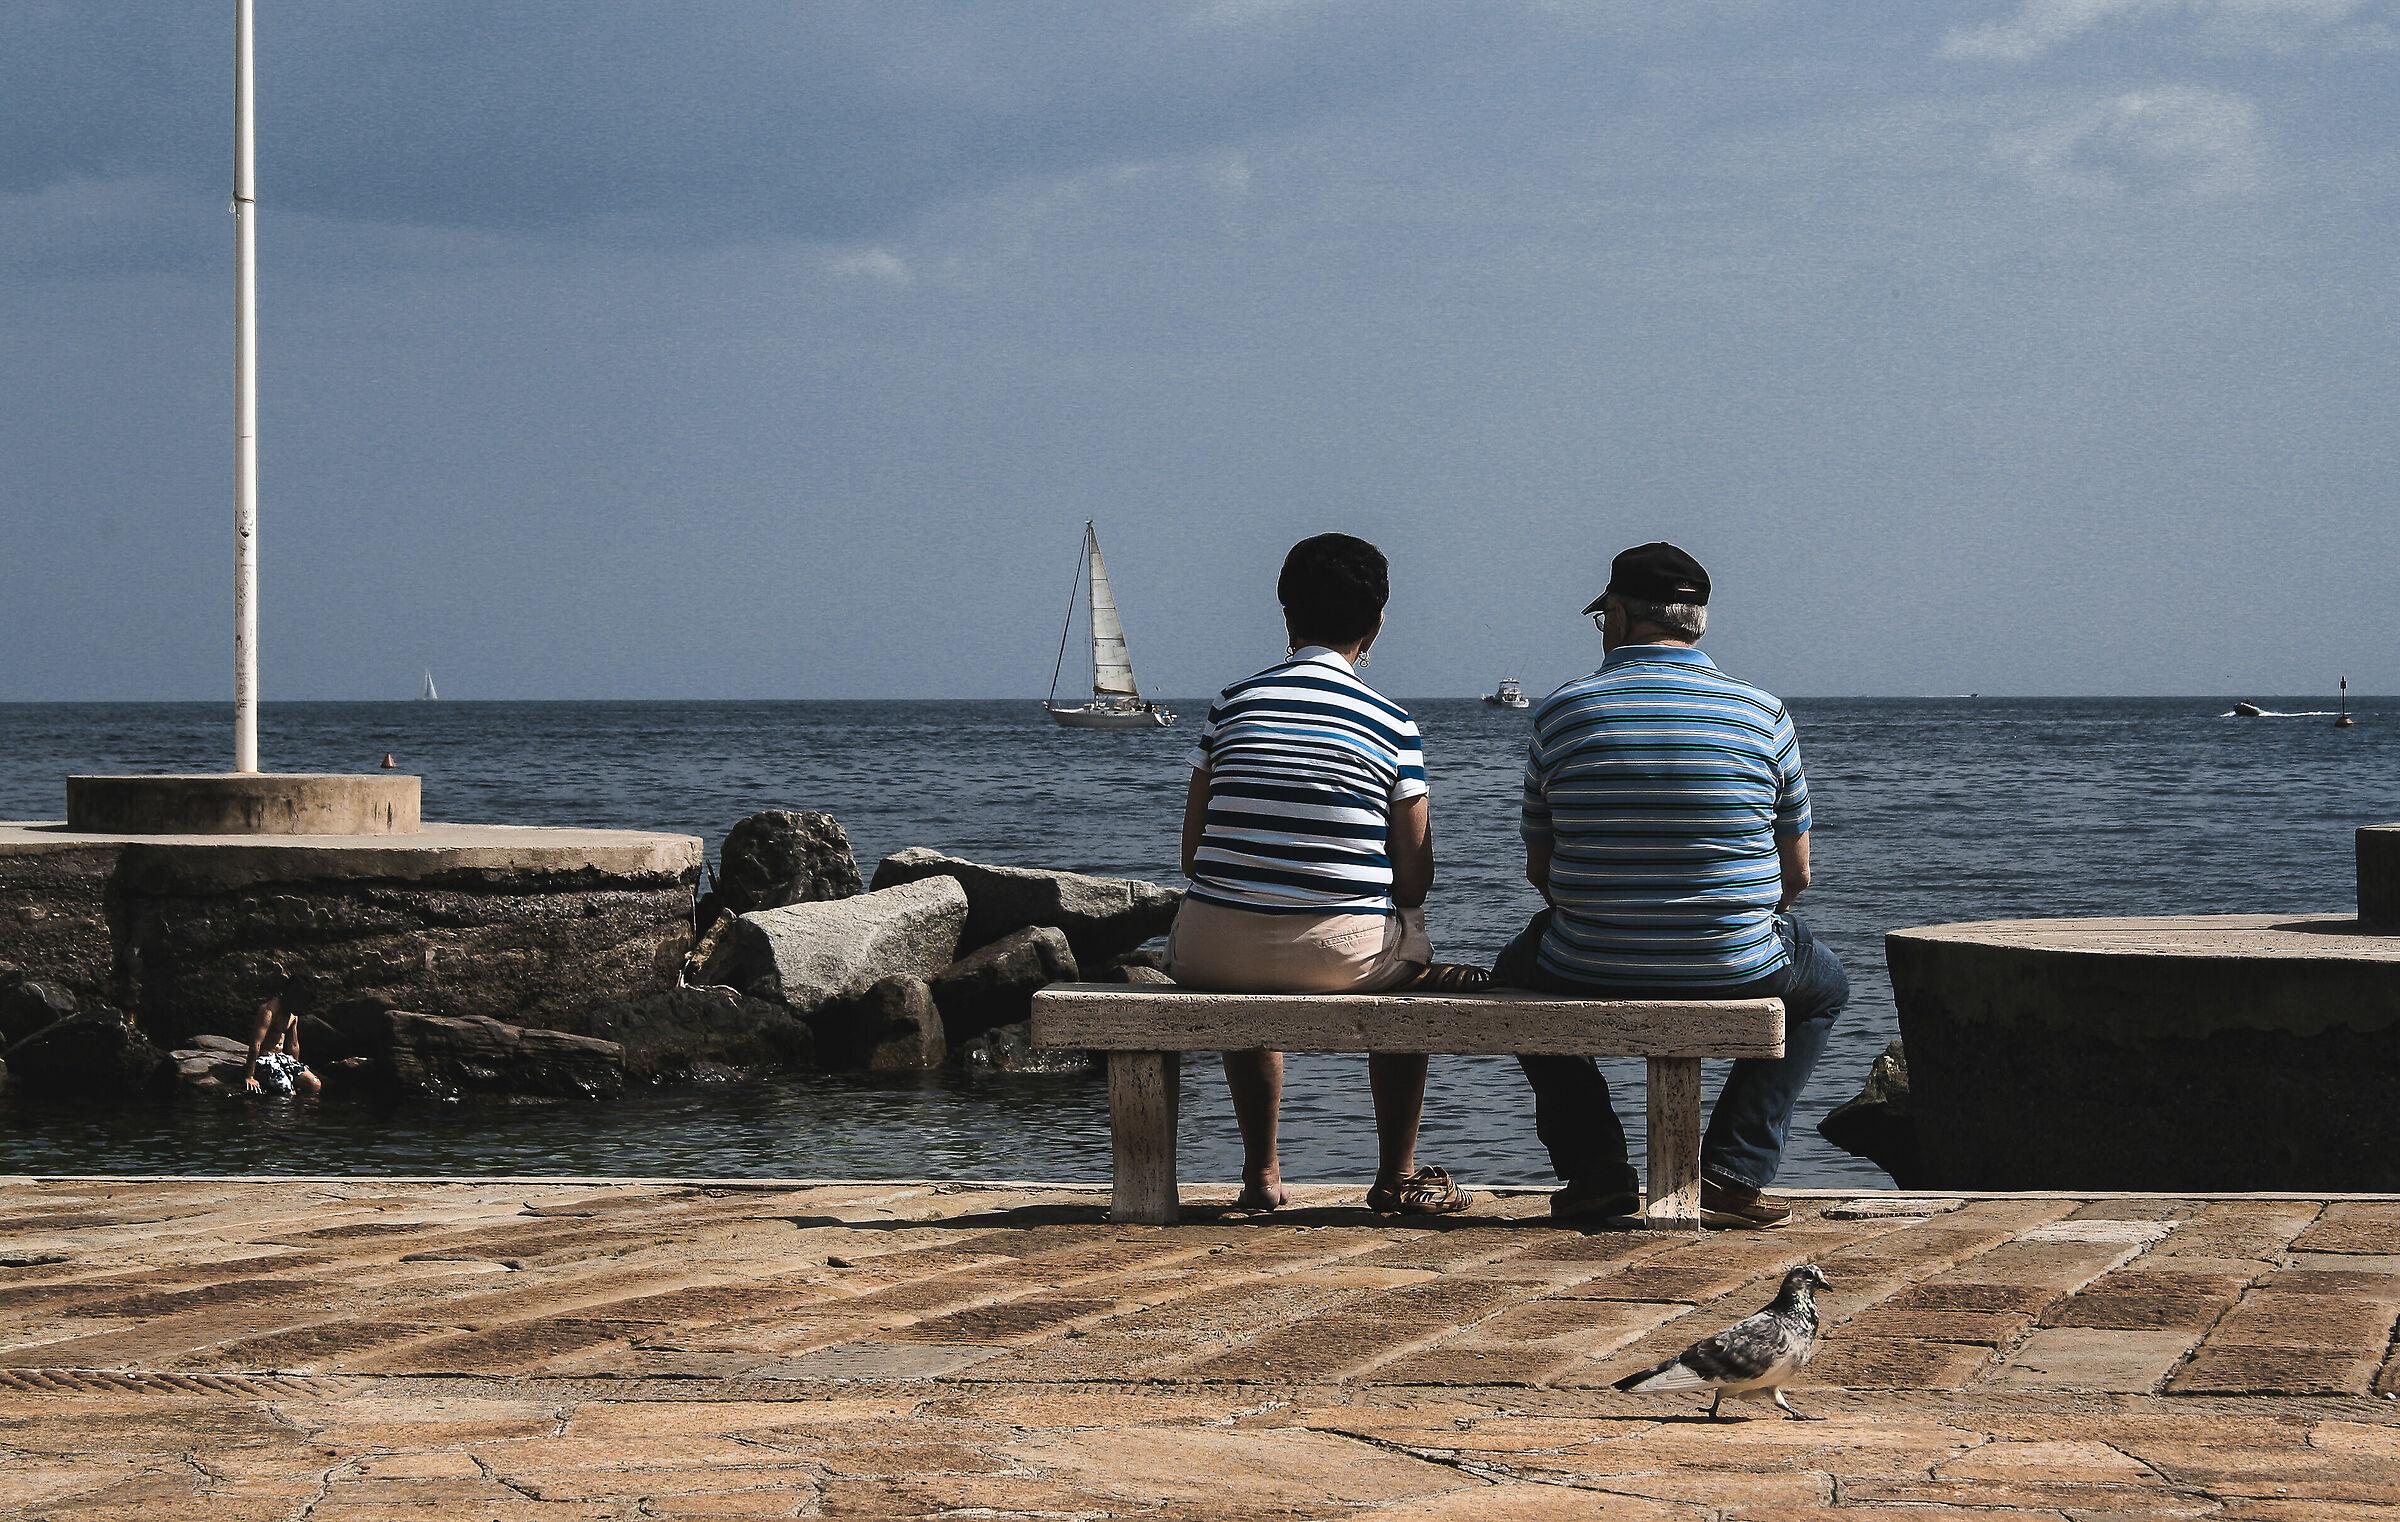 Ligurian sailors...